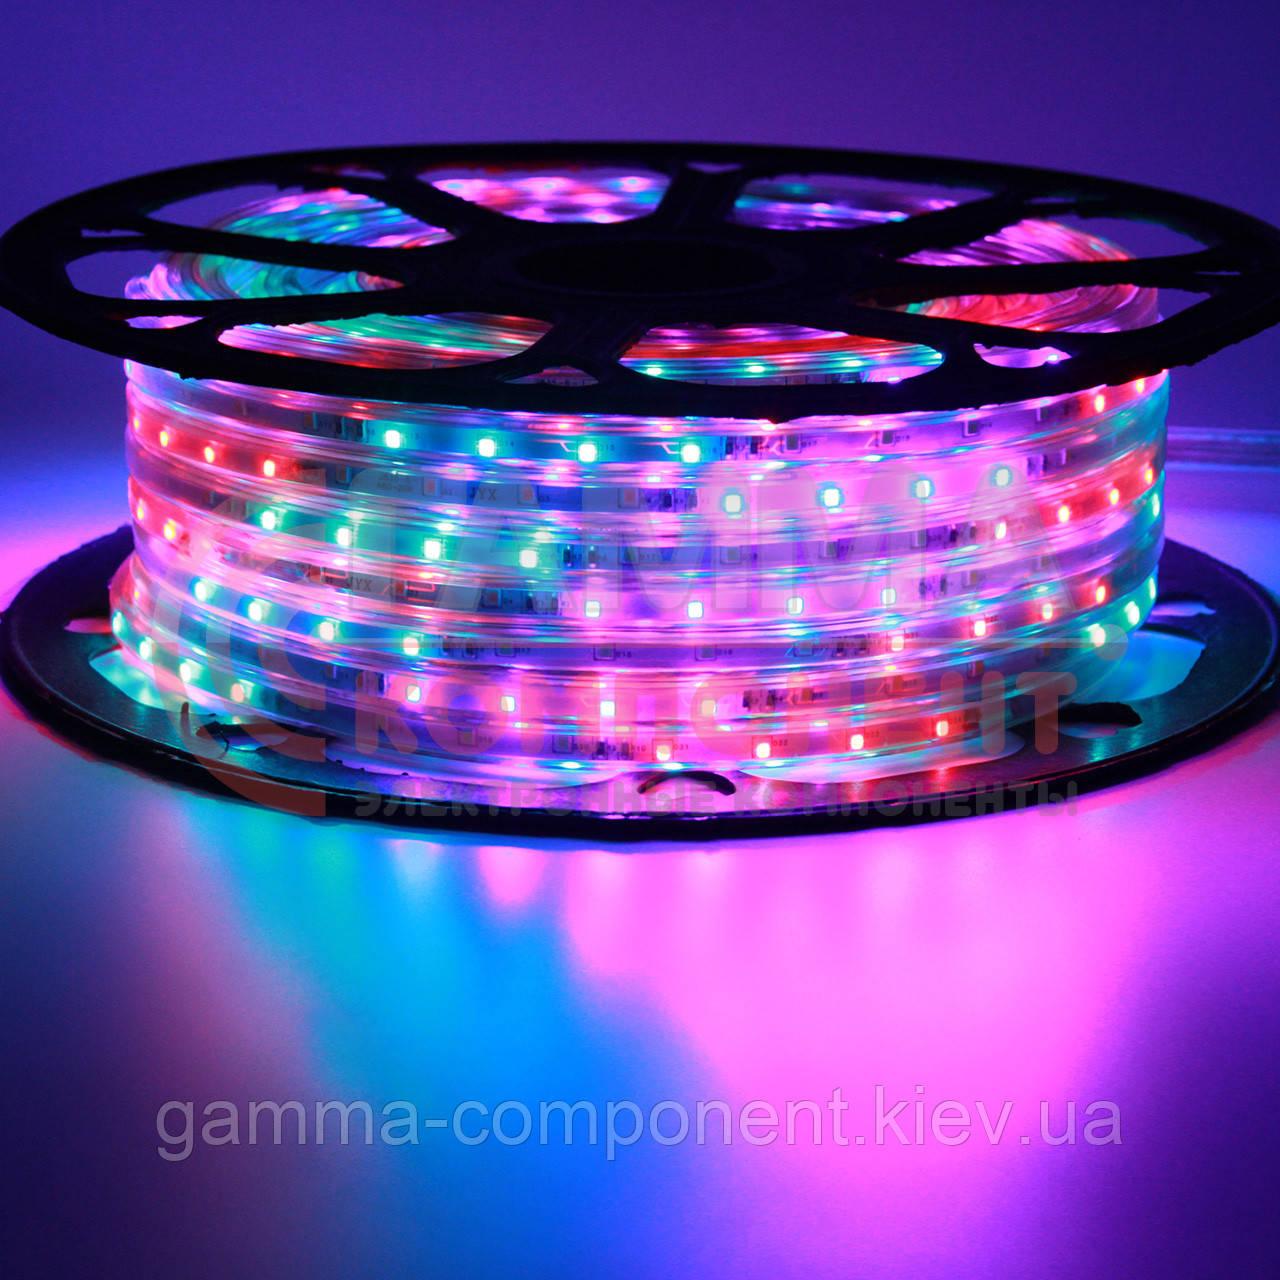 Светодиодная лента 220В Multi-Color 6 цветов smd 2835-48 лед/м 6 Вт/м герметичная